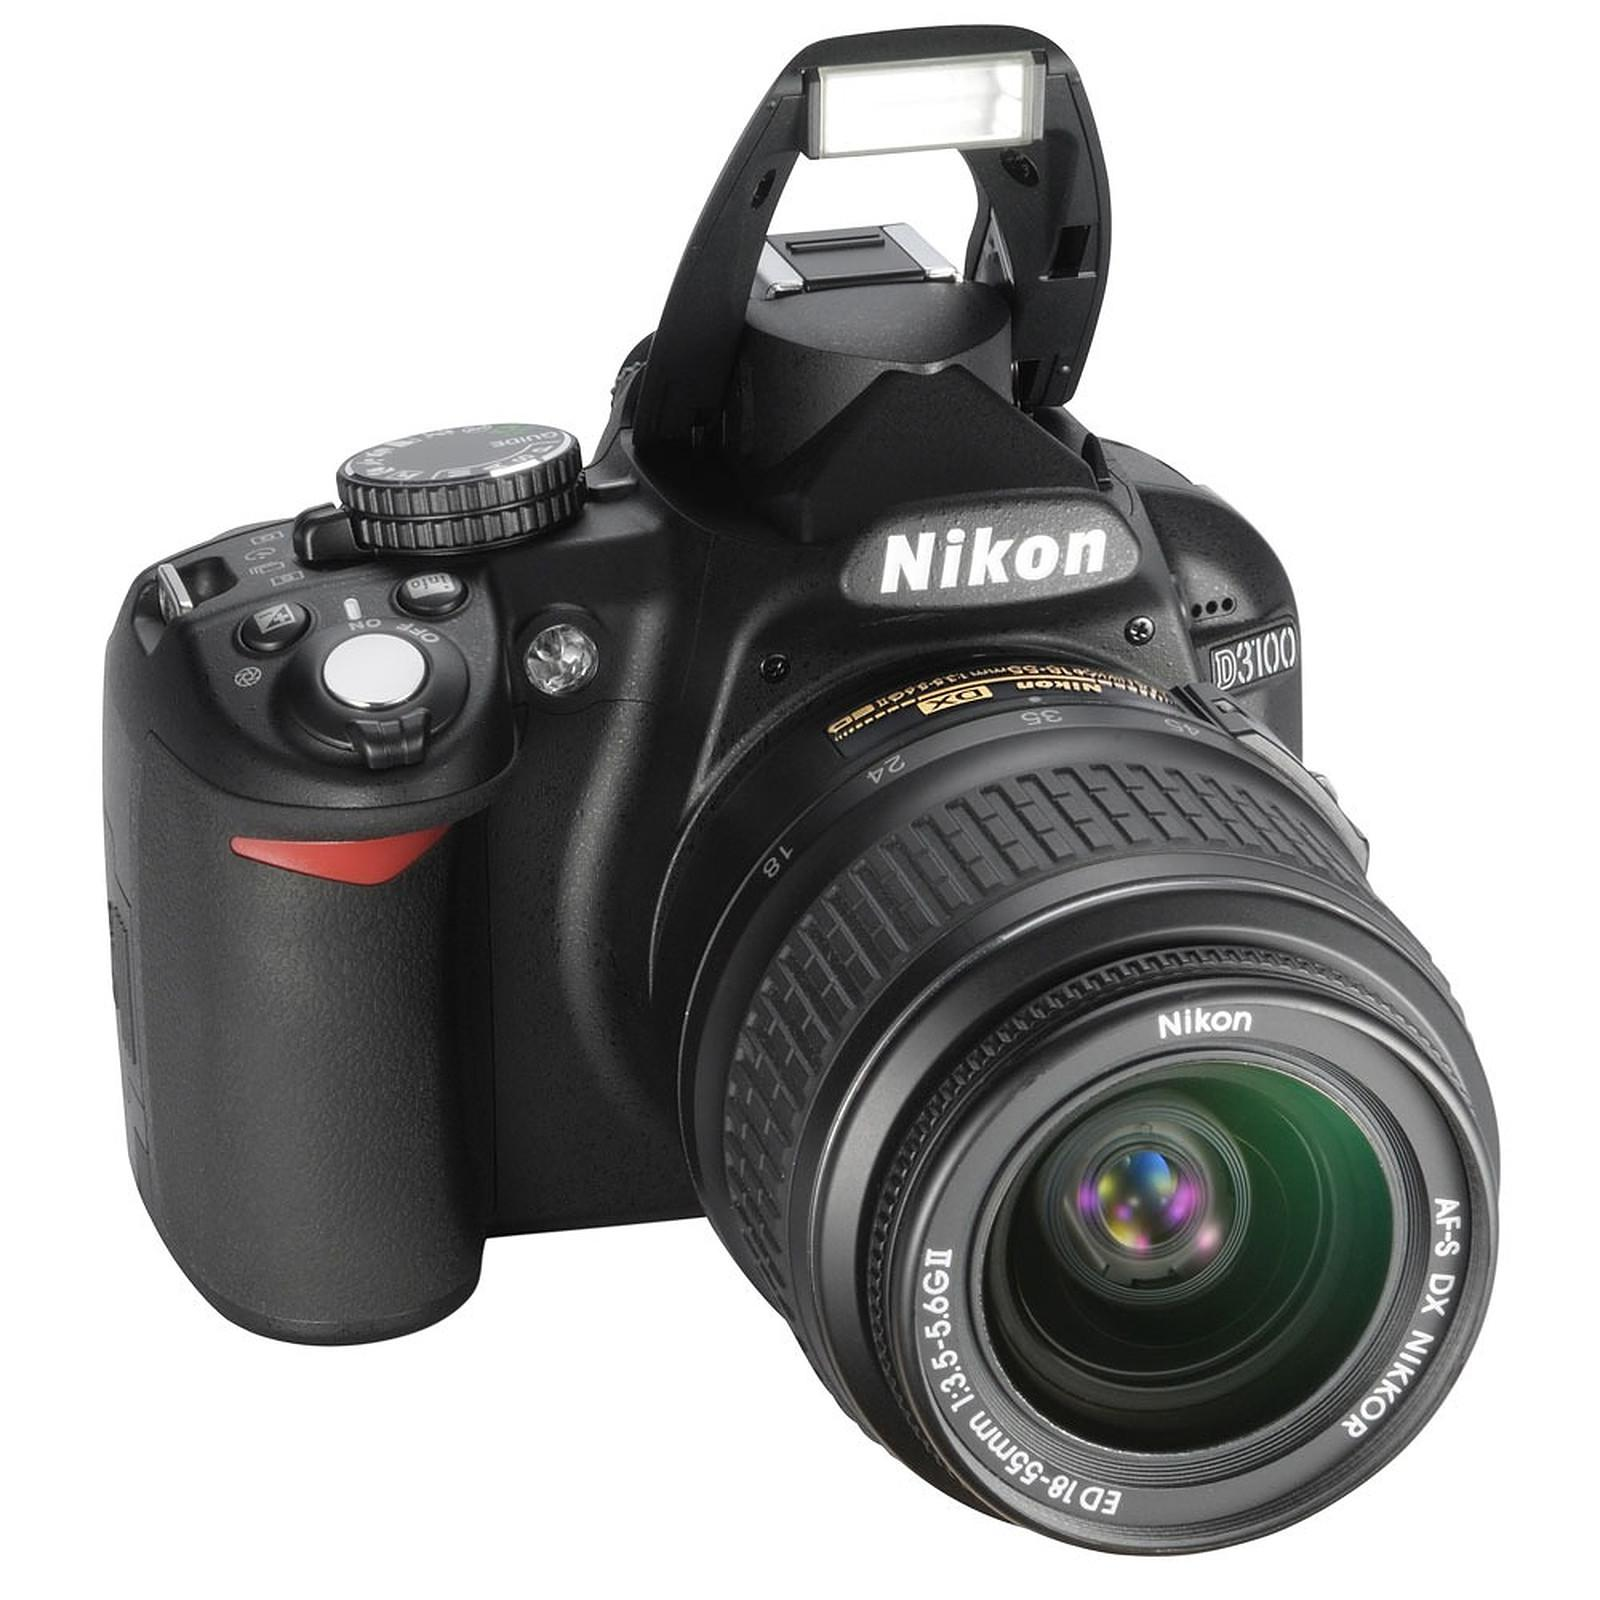 Reflex Nikon D3100 - Noir + Objectif Nikon AF-S DX Nikkor 18-55mm f/3.5-5.6G II ED